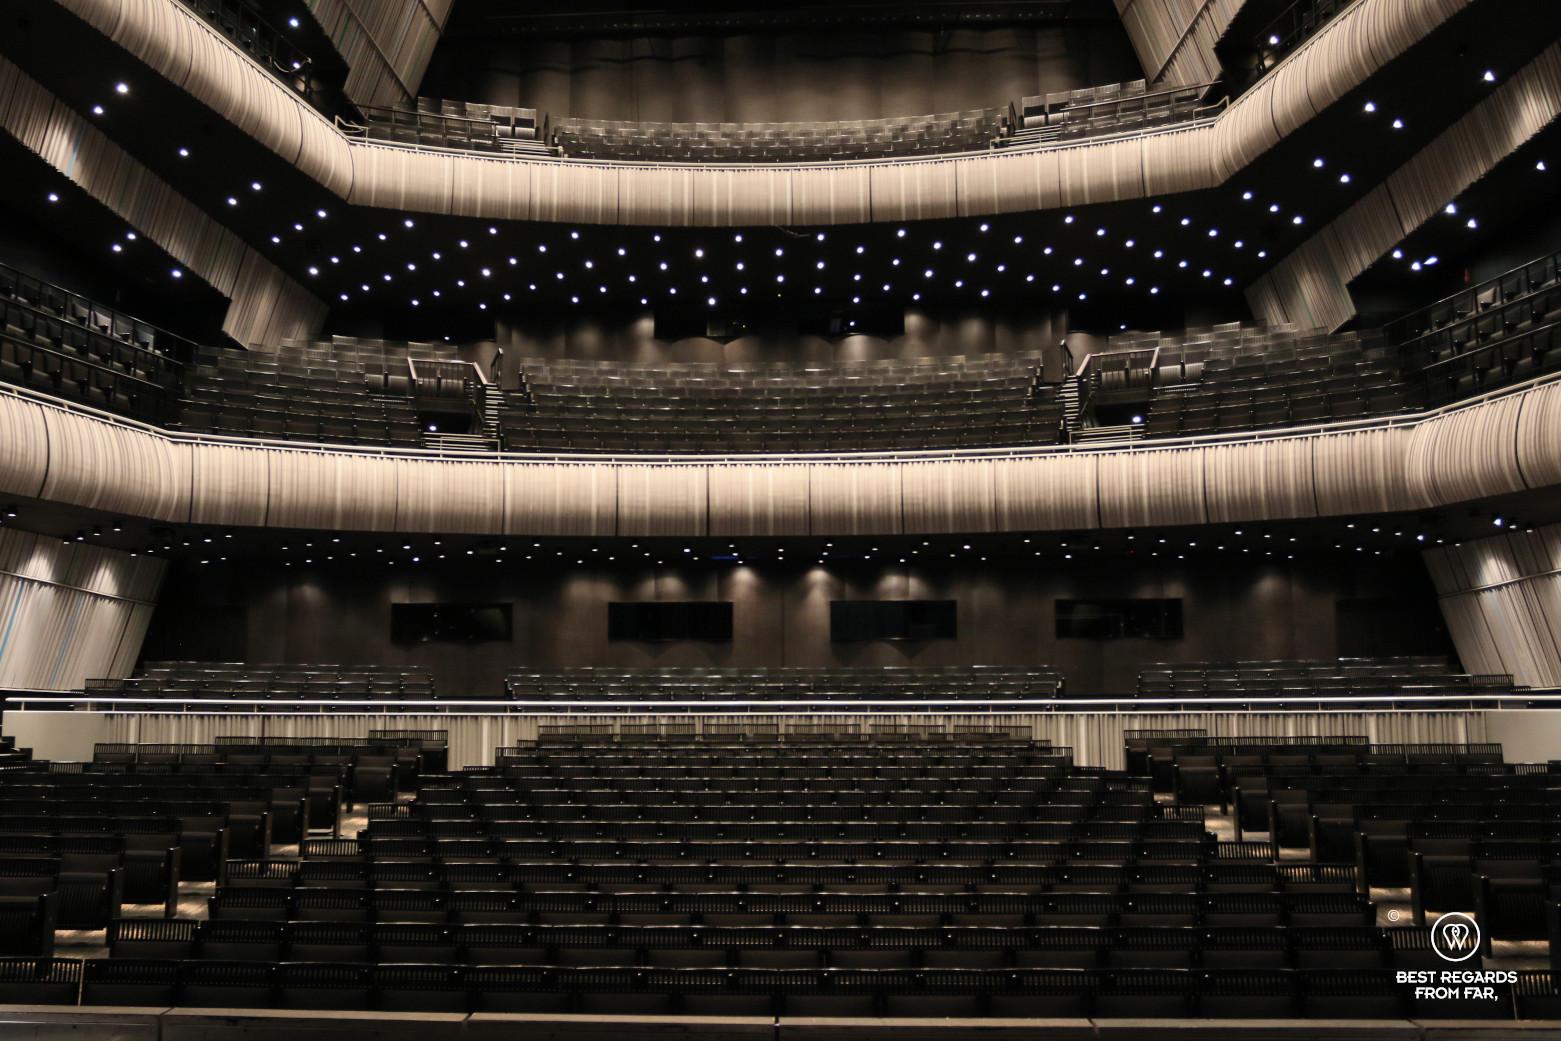 The concert hall of the Concertgebouw, Bruges, Belgium.